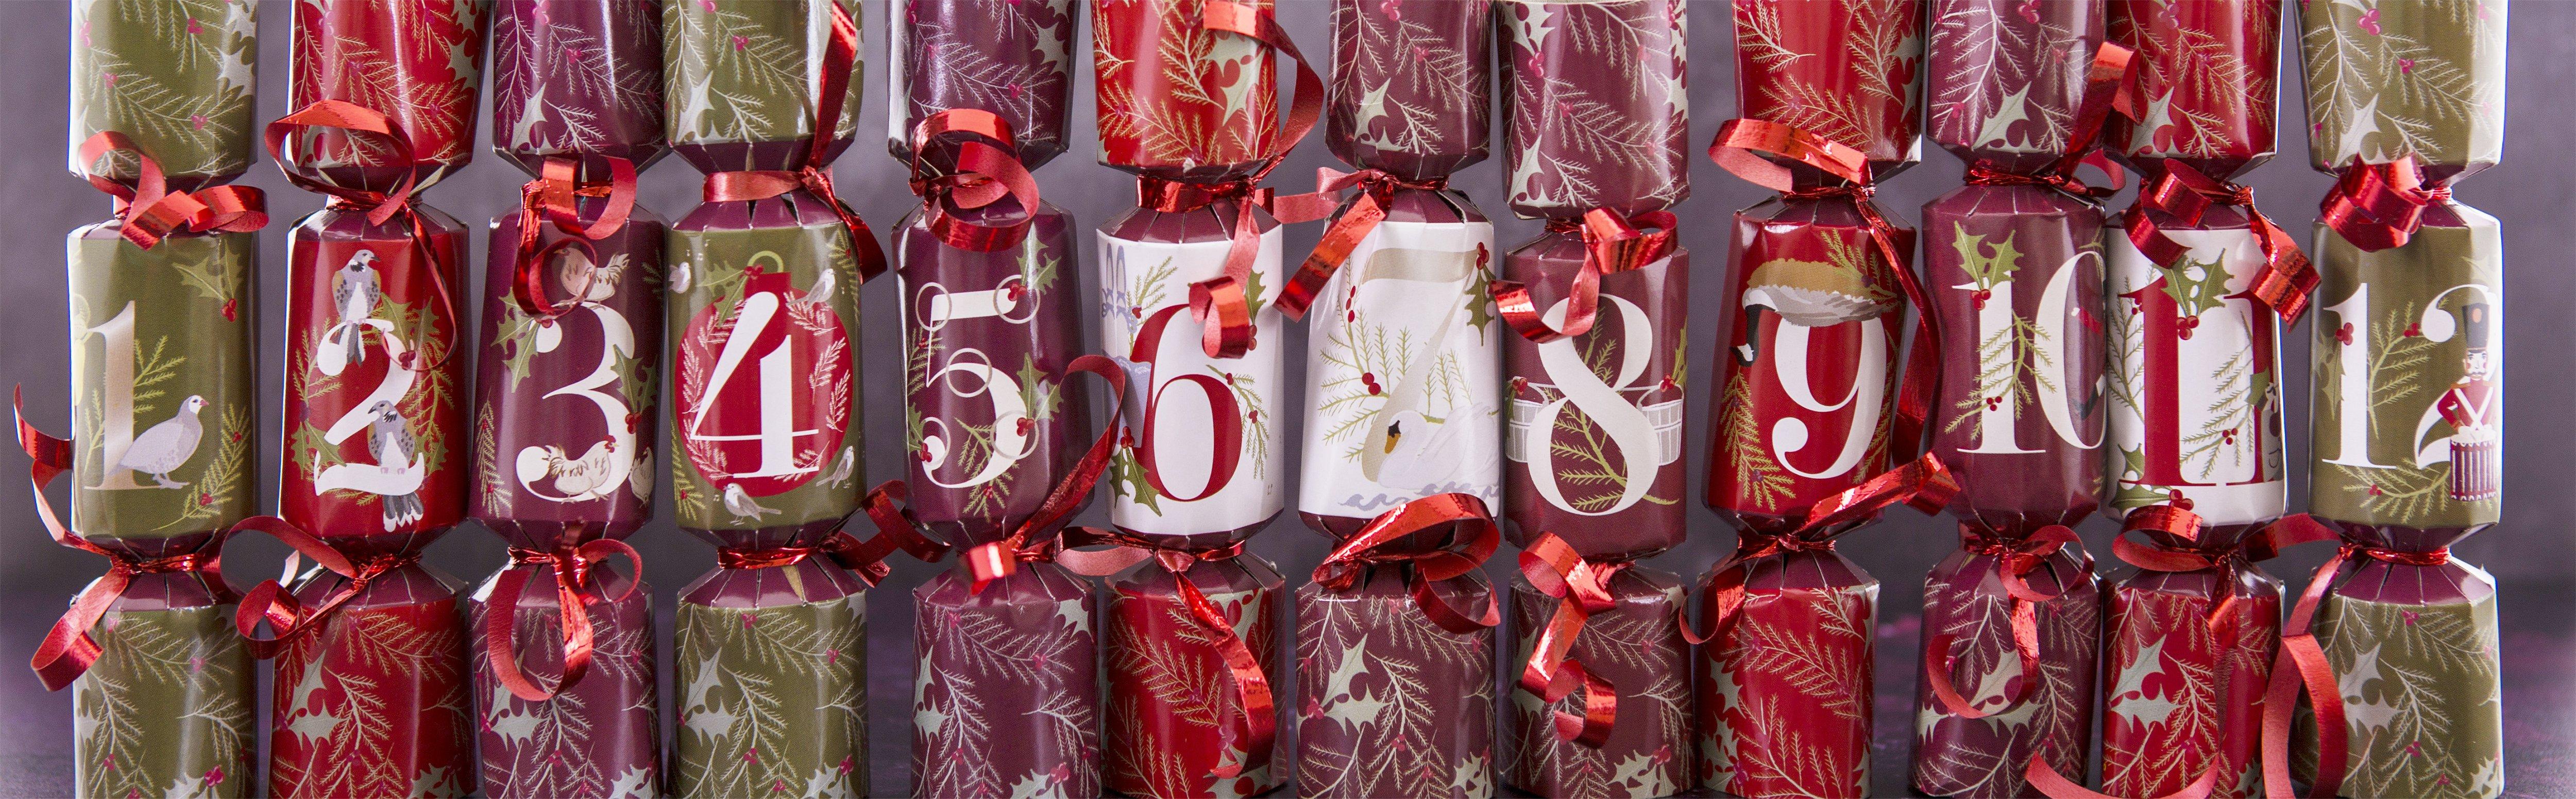 12 Days of Christmas-1